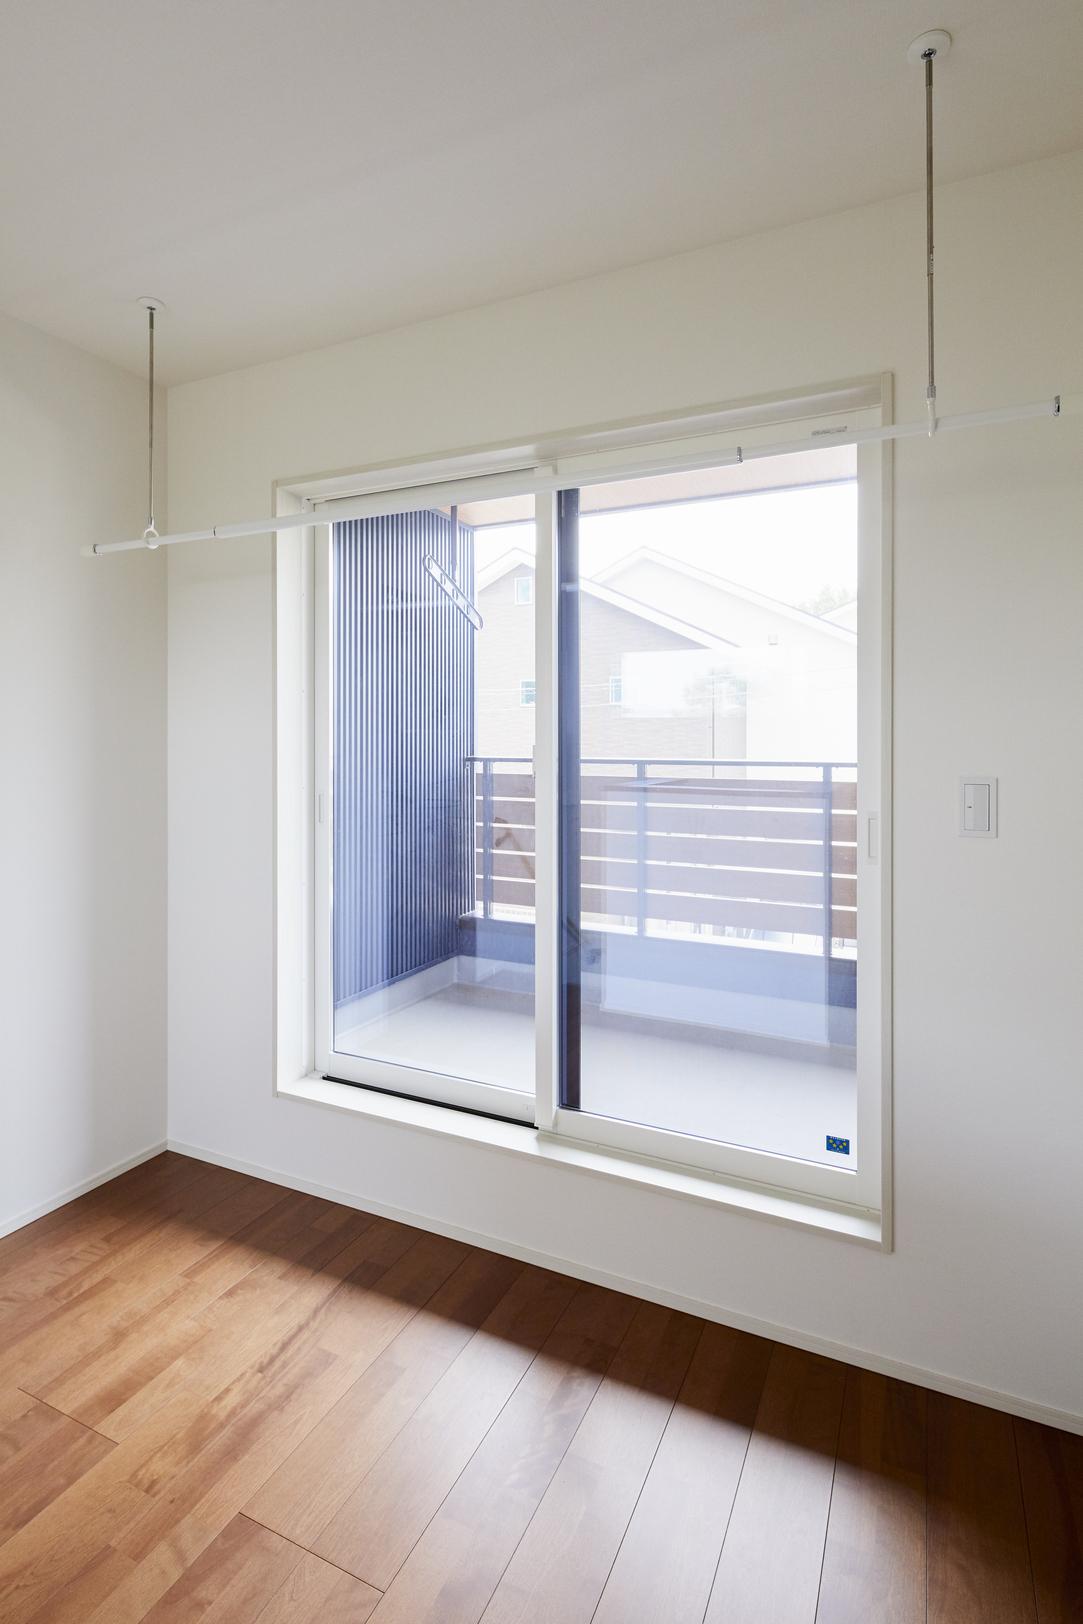 廊下には広めのホールをつくり、 雨の日は洗濯物のスペースとして活用できるように設計した